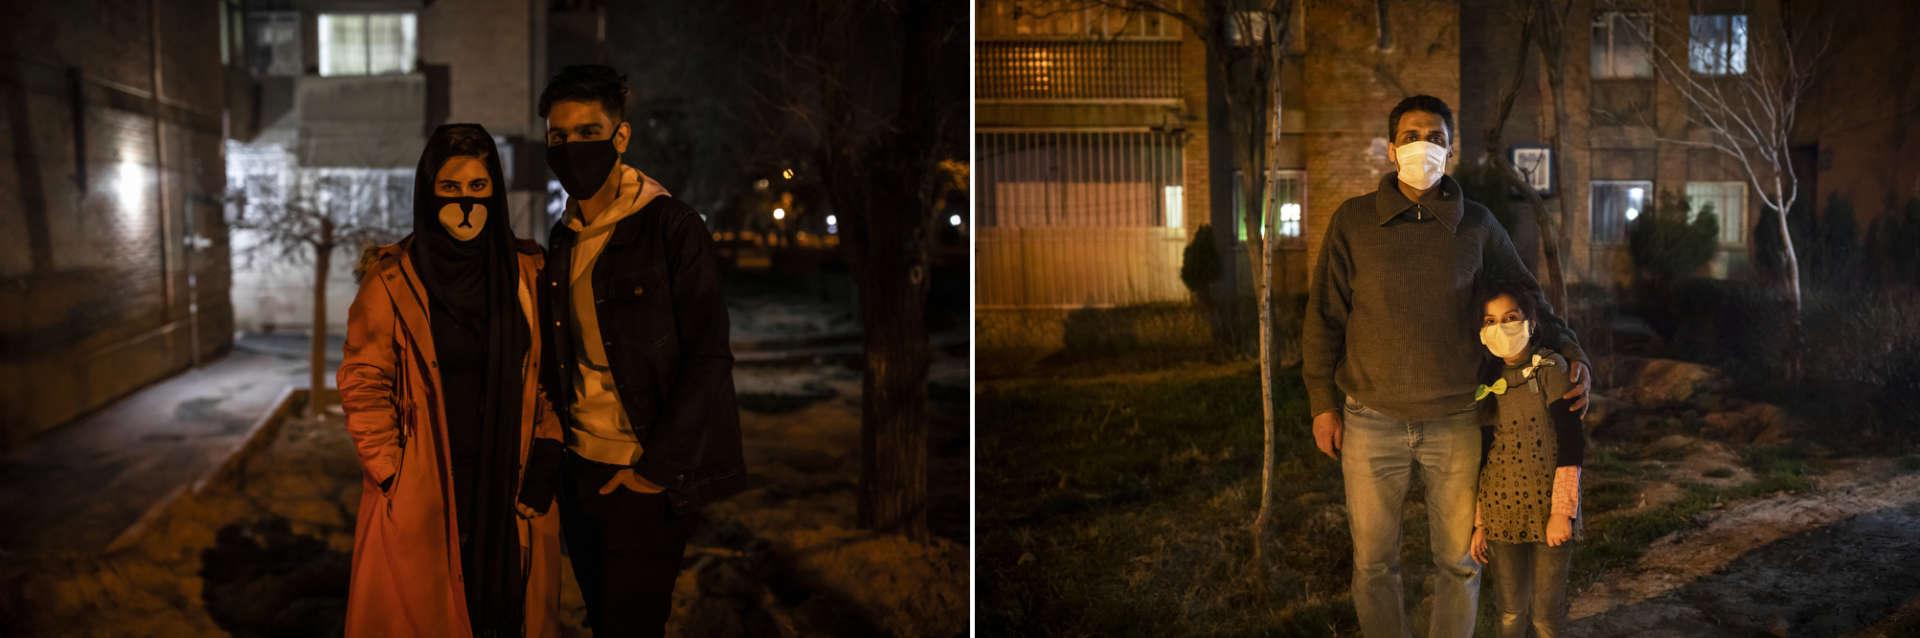 Arak, le 17 mars. Une jeune femme et son frère lors de laFête du feu, célébrée la veille du dernier mercredi de l'année du calendrier perse.